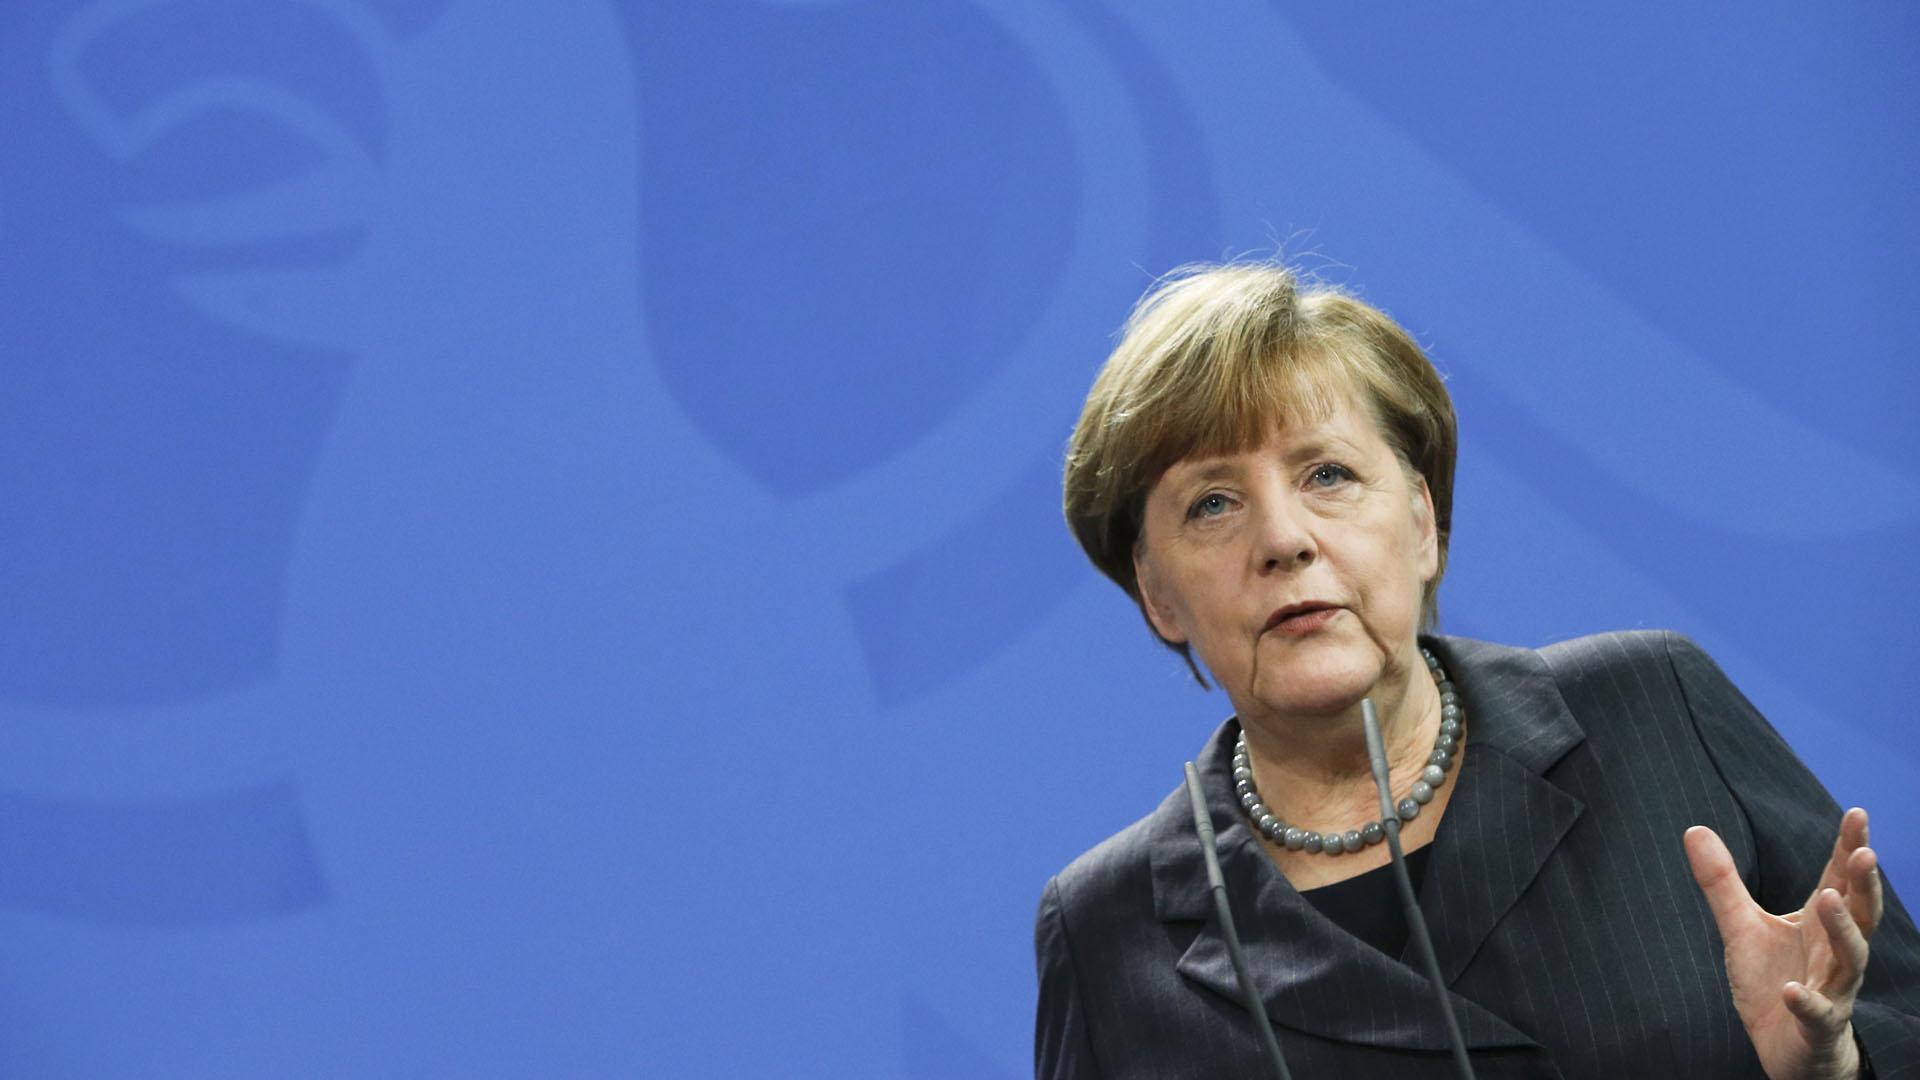 La canciller impulsó una política liberal para la acogida de refugiados